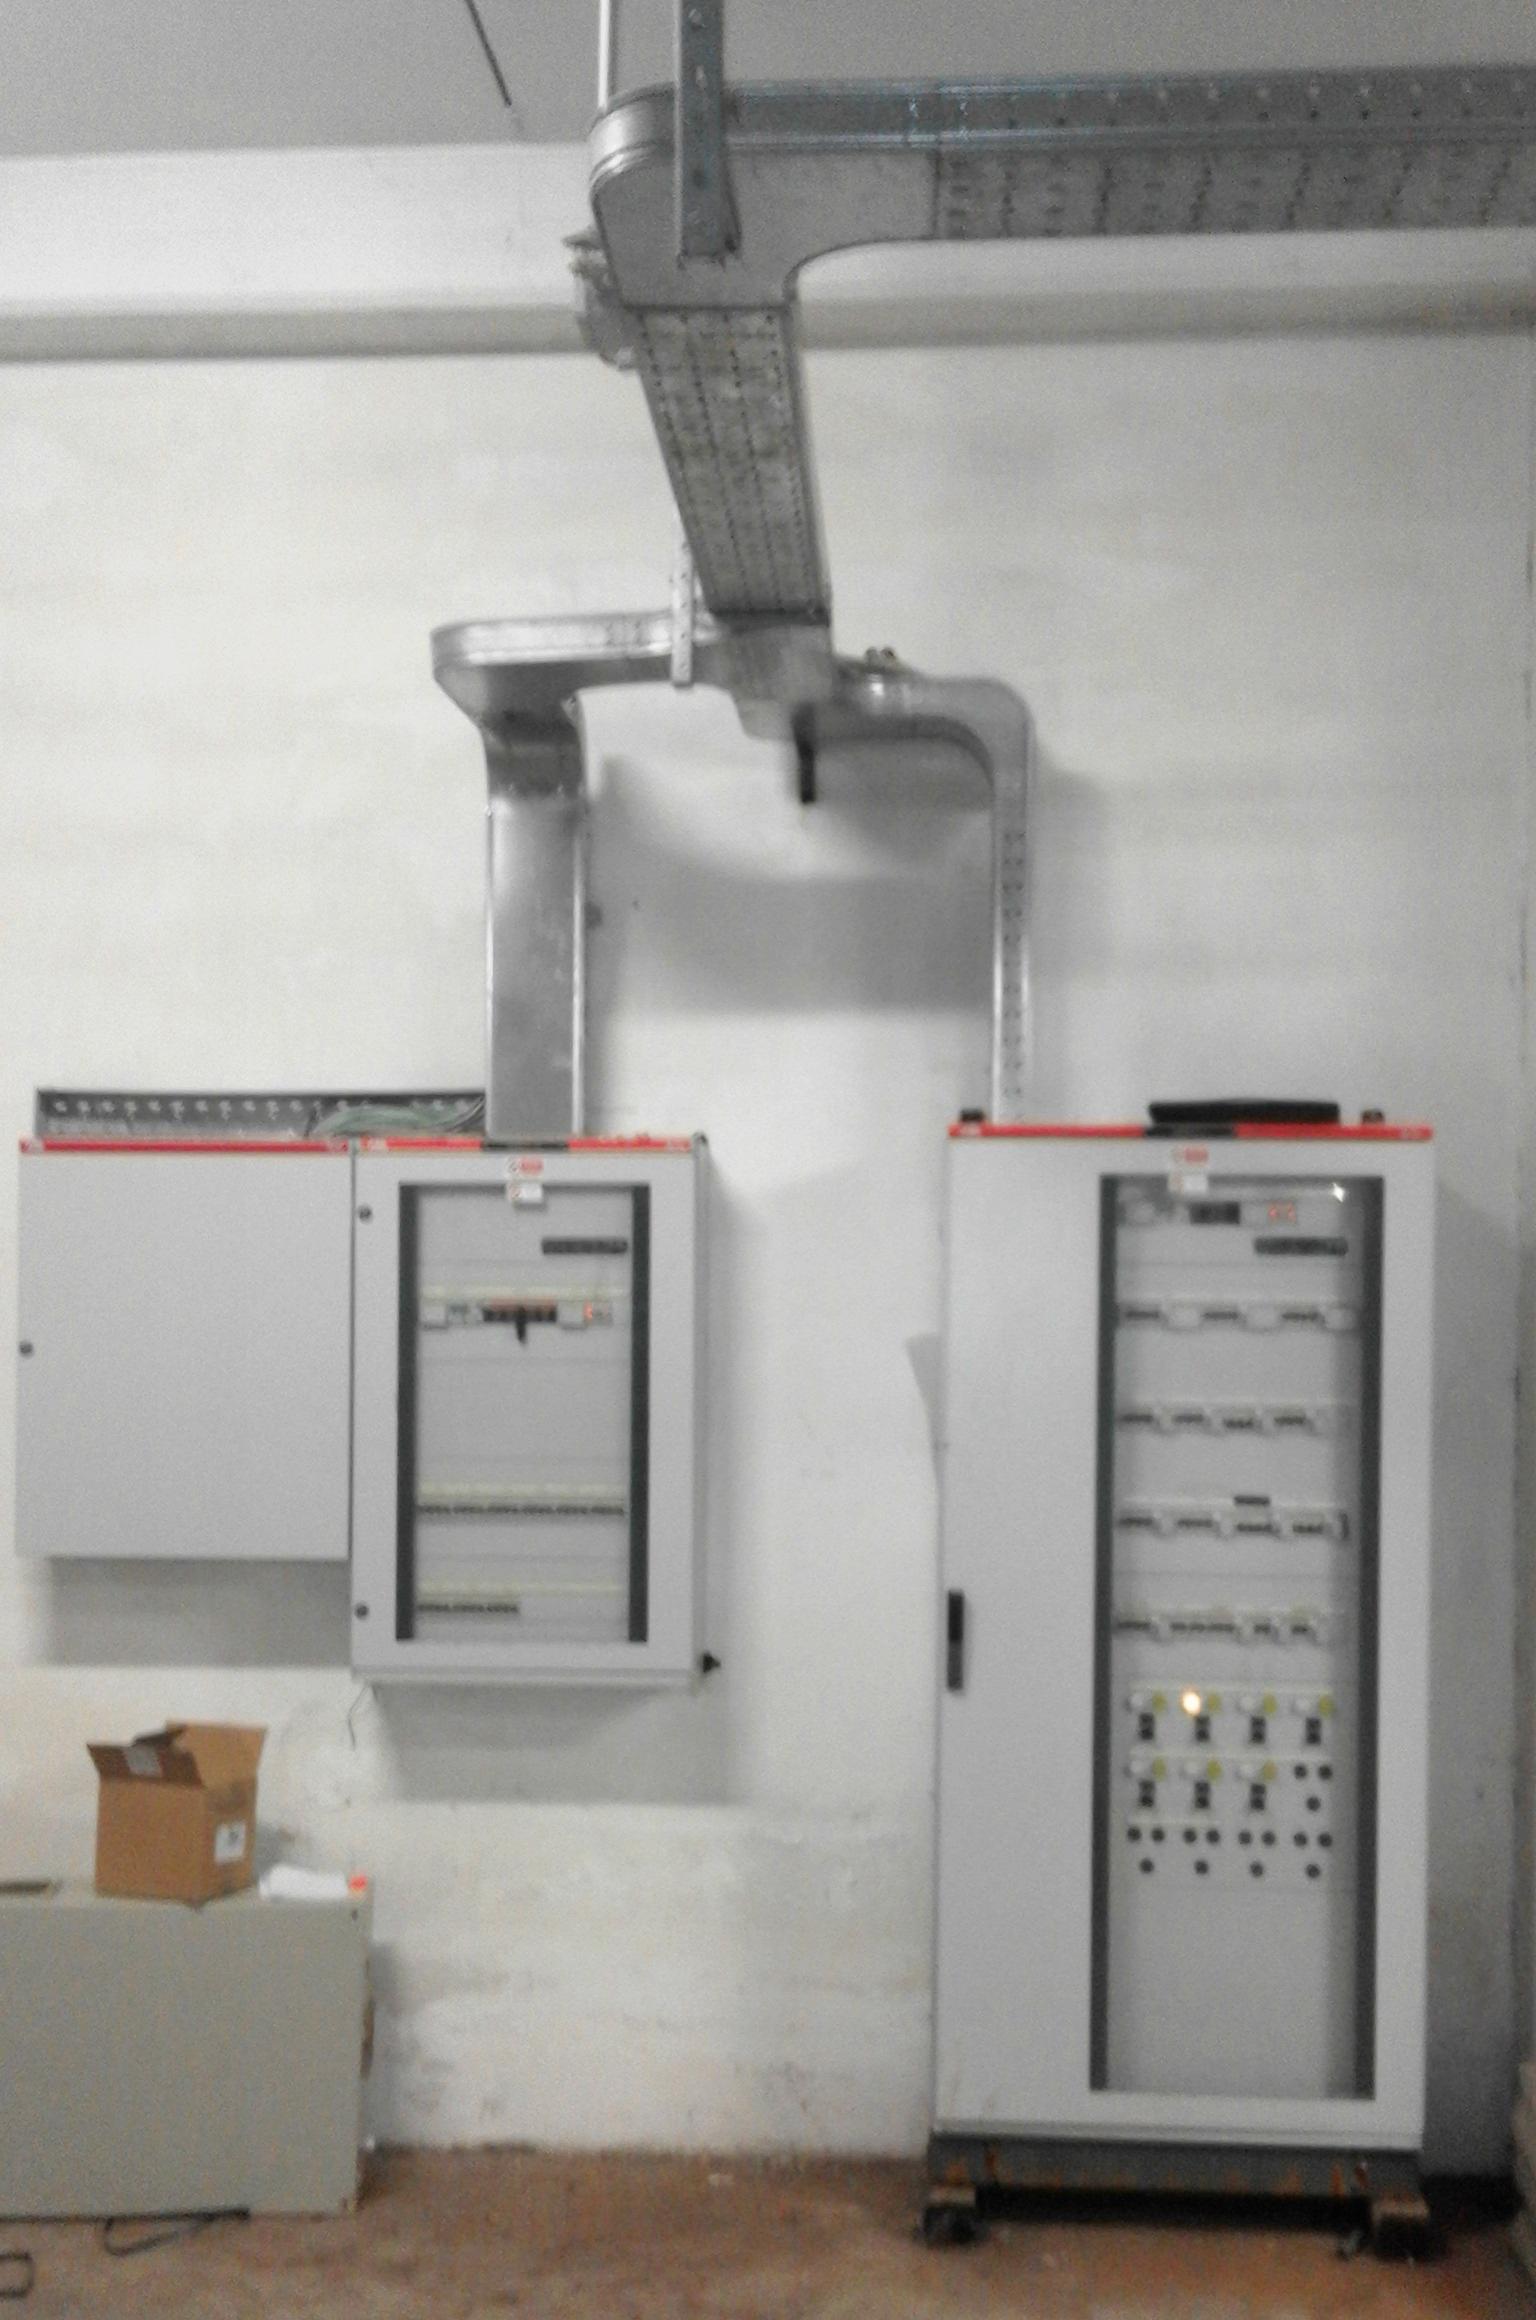 Impianti a norma ed efficienza energetica a roma esseci - Certificato impianto elettrico a norma ...